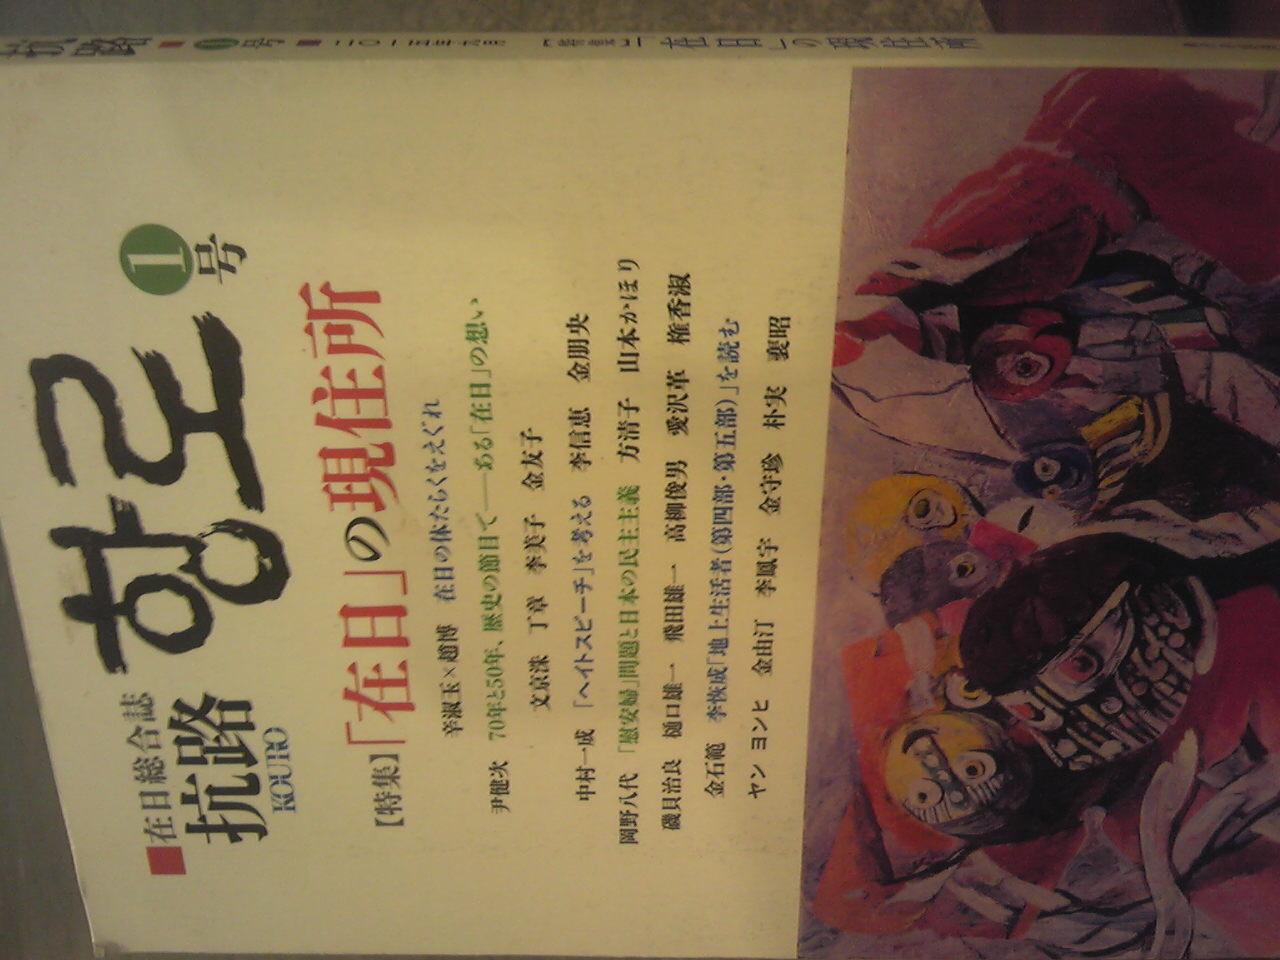 在日総合誌『抗路』1号、ジュンク京都(四条)に入ってきた分は完売していたので(といっても二冊やけど)、ぜひ追加を入れてくださいと要求。